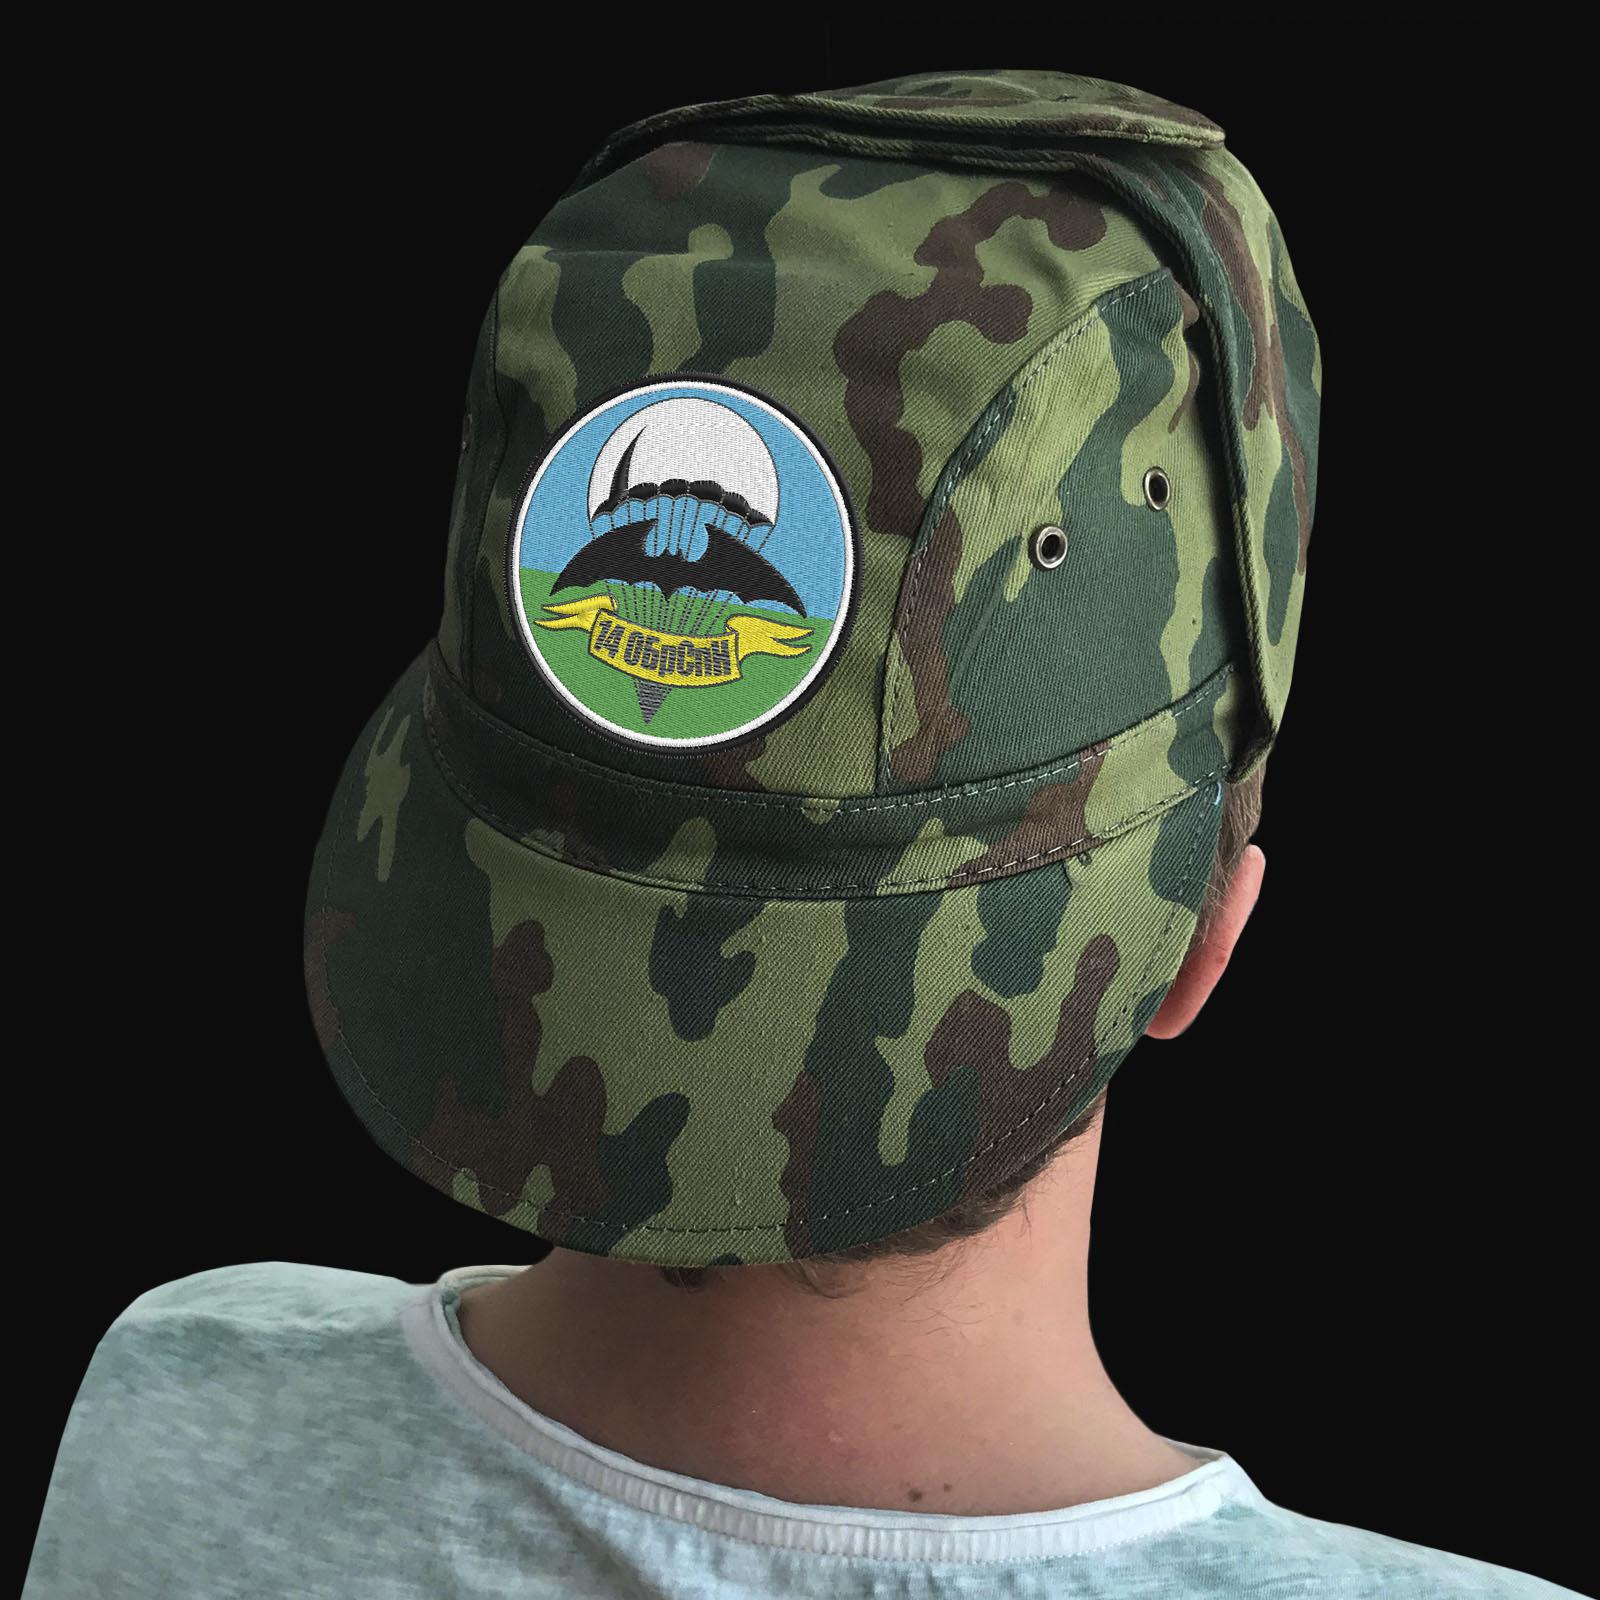 Недорогие мужские тактические кепки с символикой бригад спецназначения